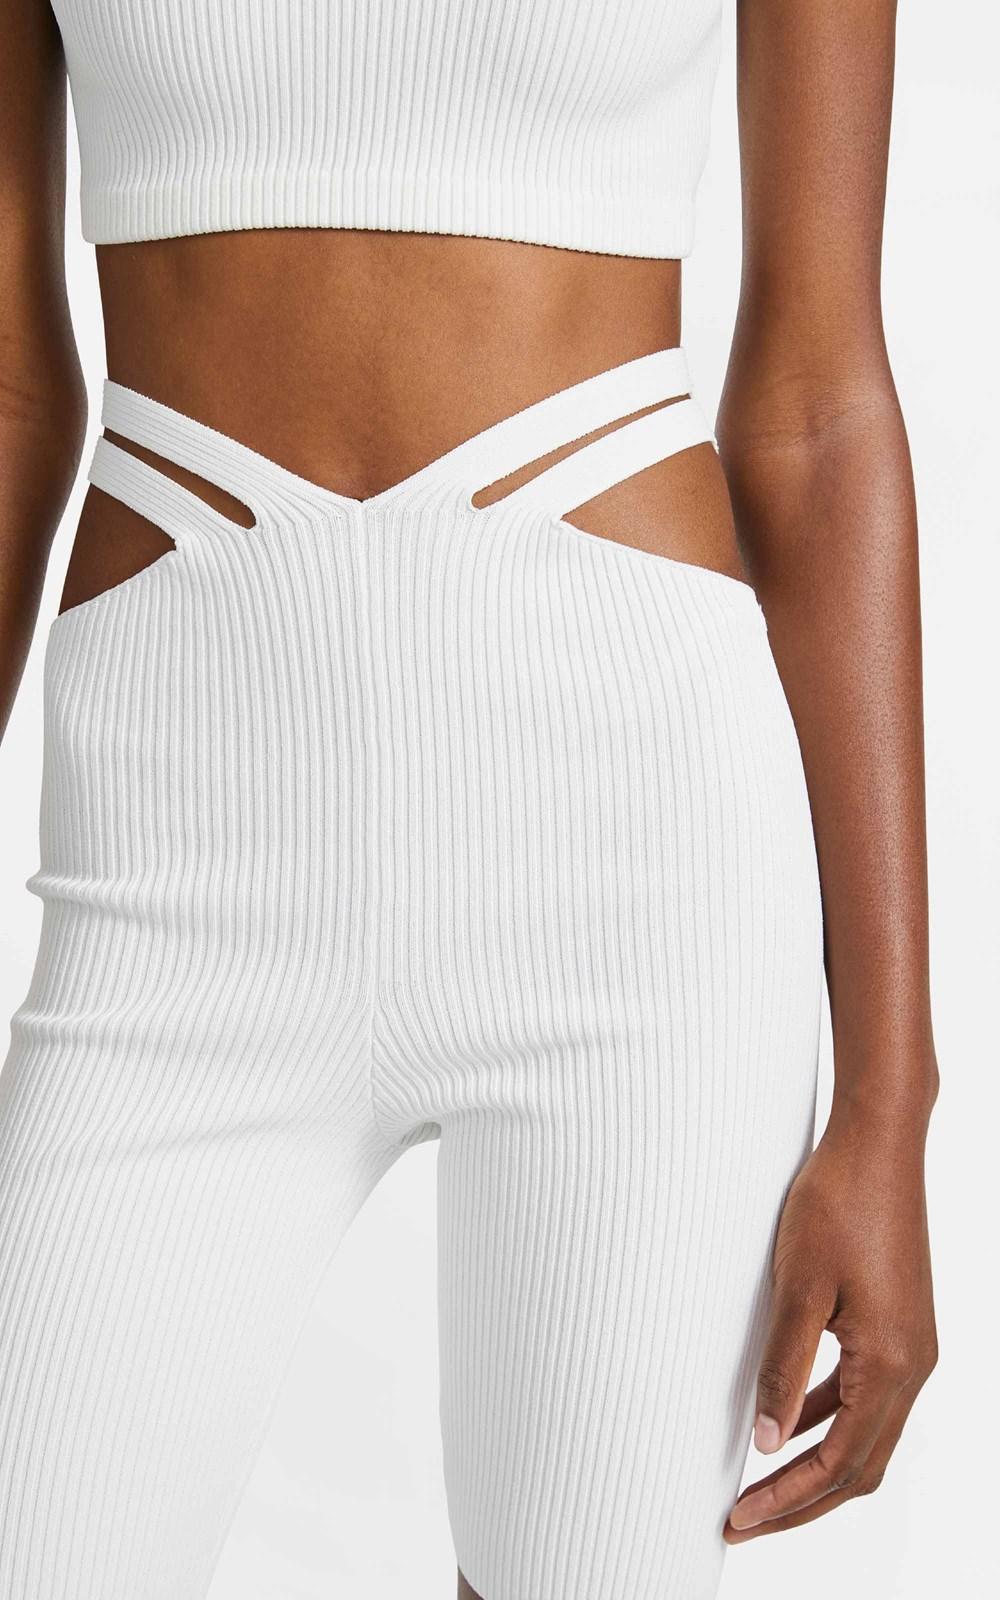 Knitwear | LUSTRATE FORK SHORT